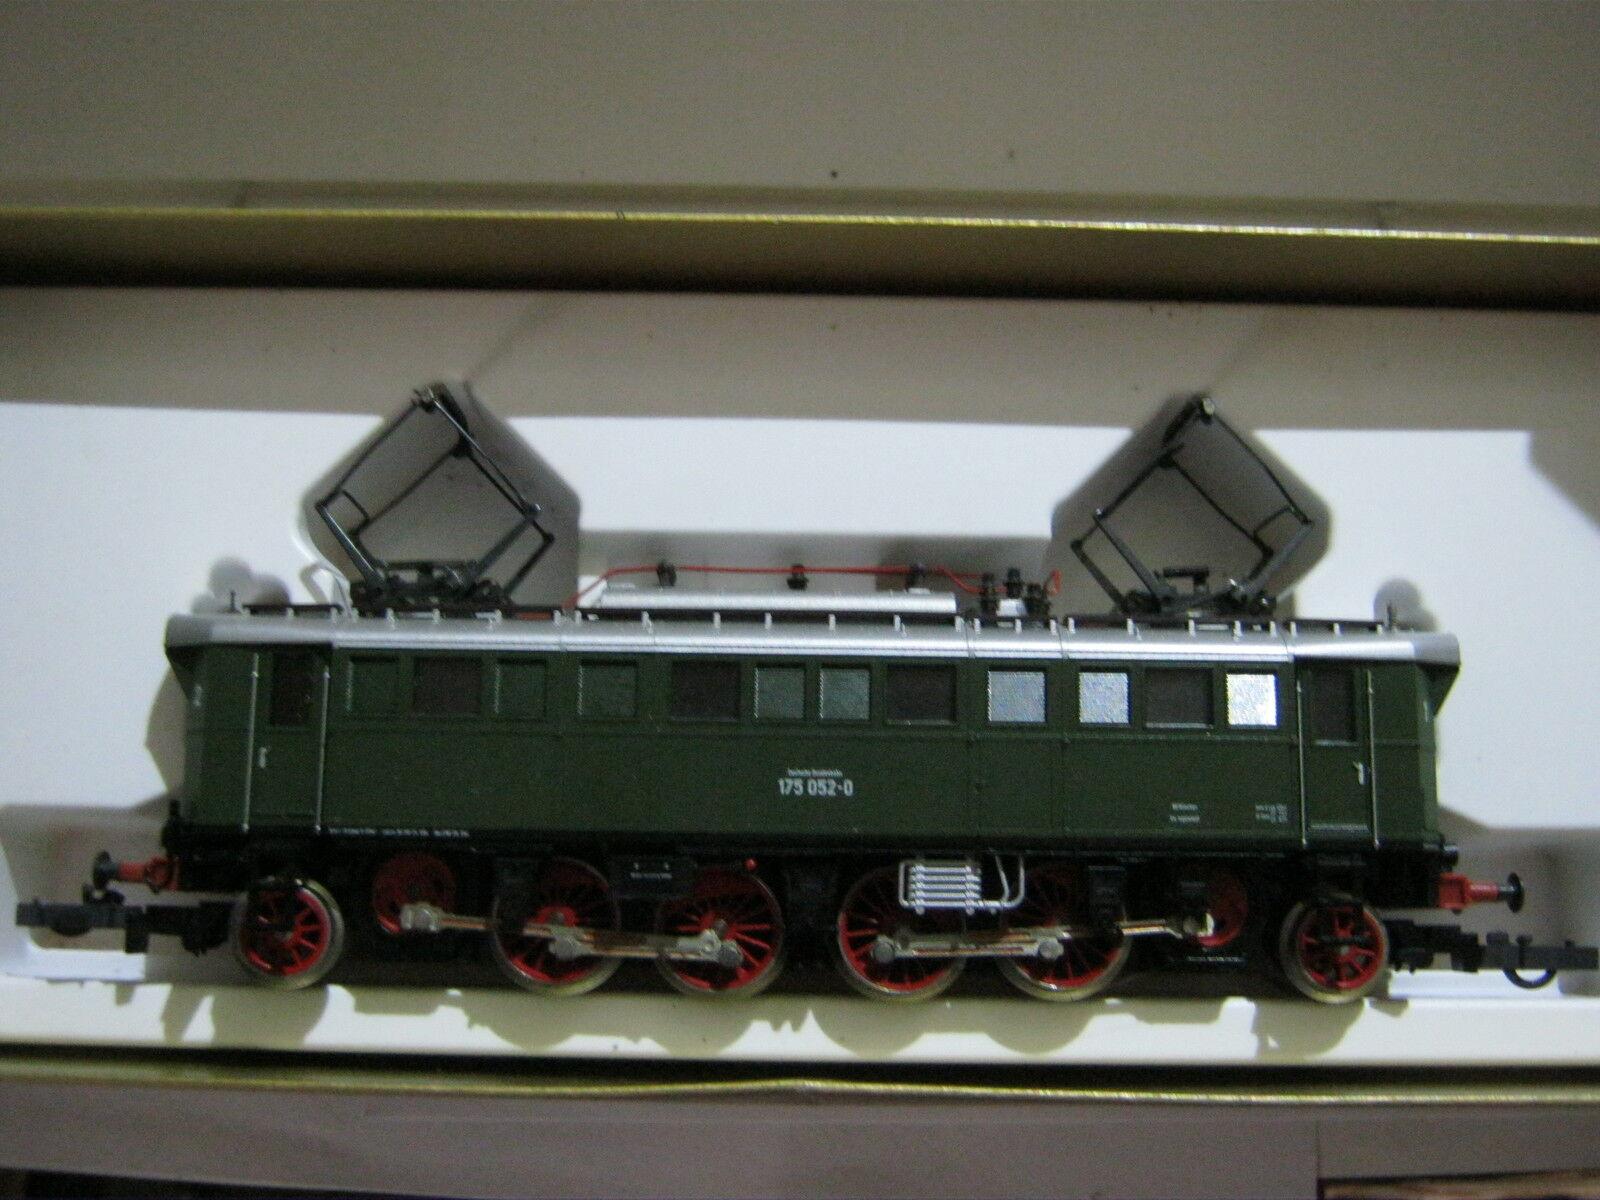 Trix ho 2431 Elektro Lok btrnr 175 052-0 DB (rg bs 094-92s9f2)